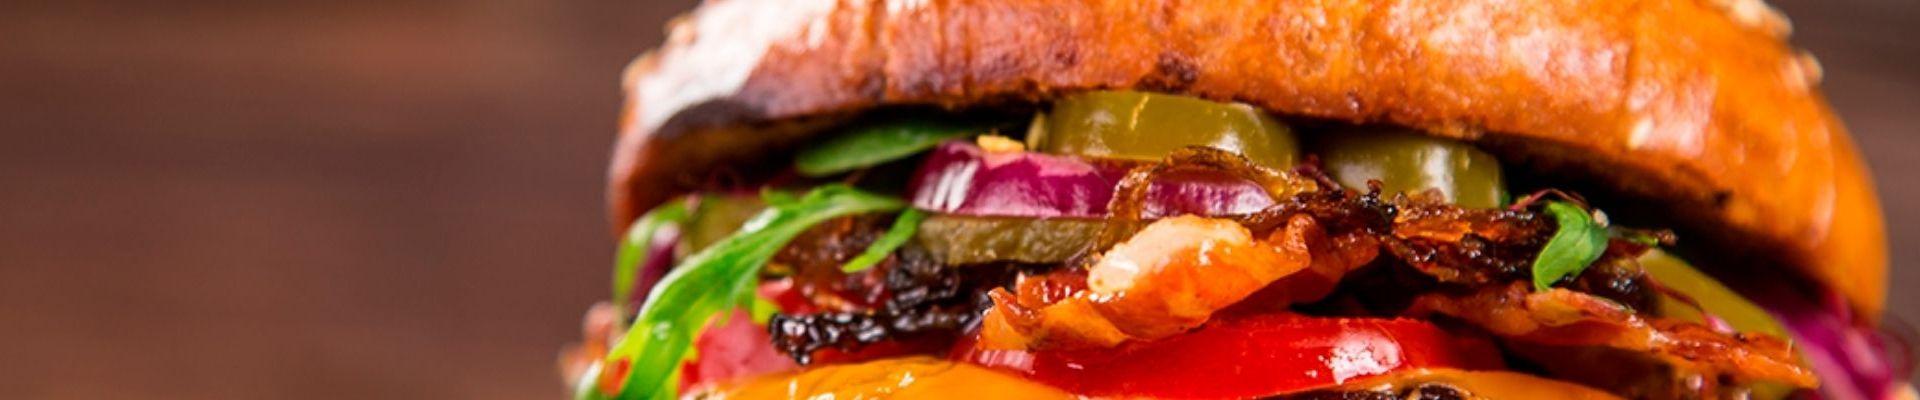 Las mejores hamburguesas a domicilio en Zaragoza